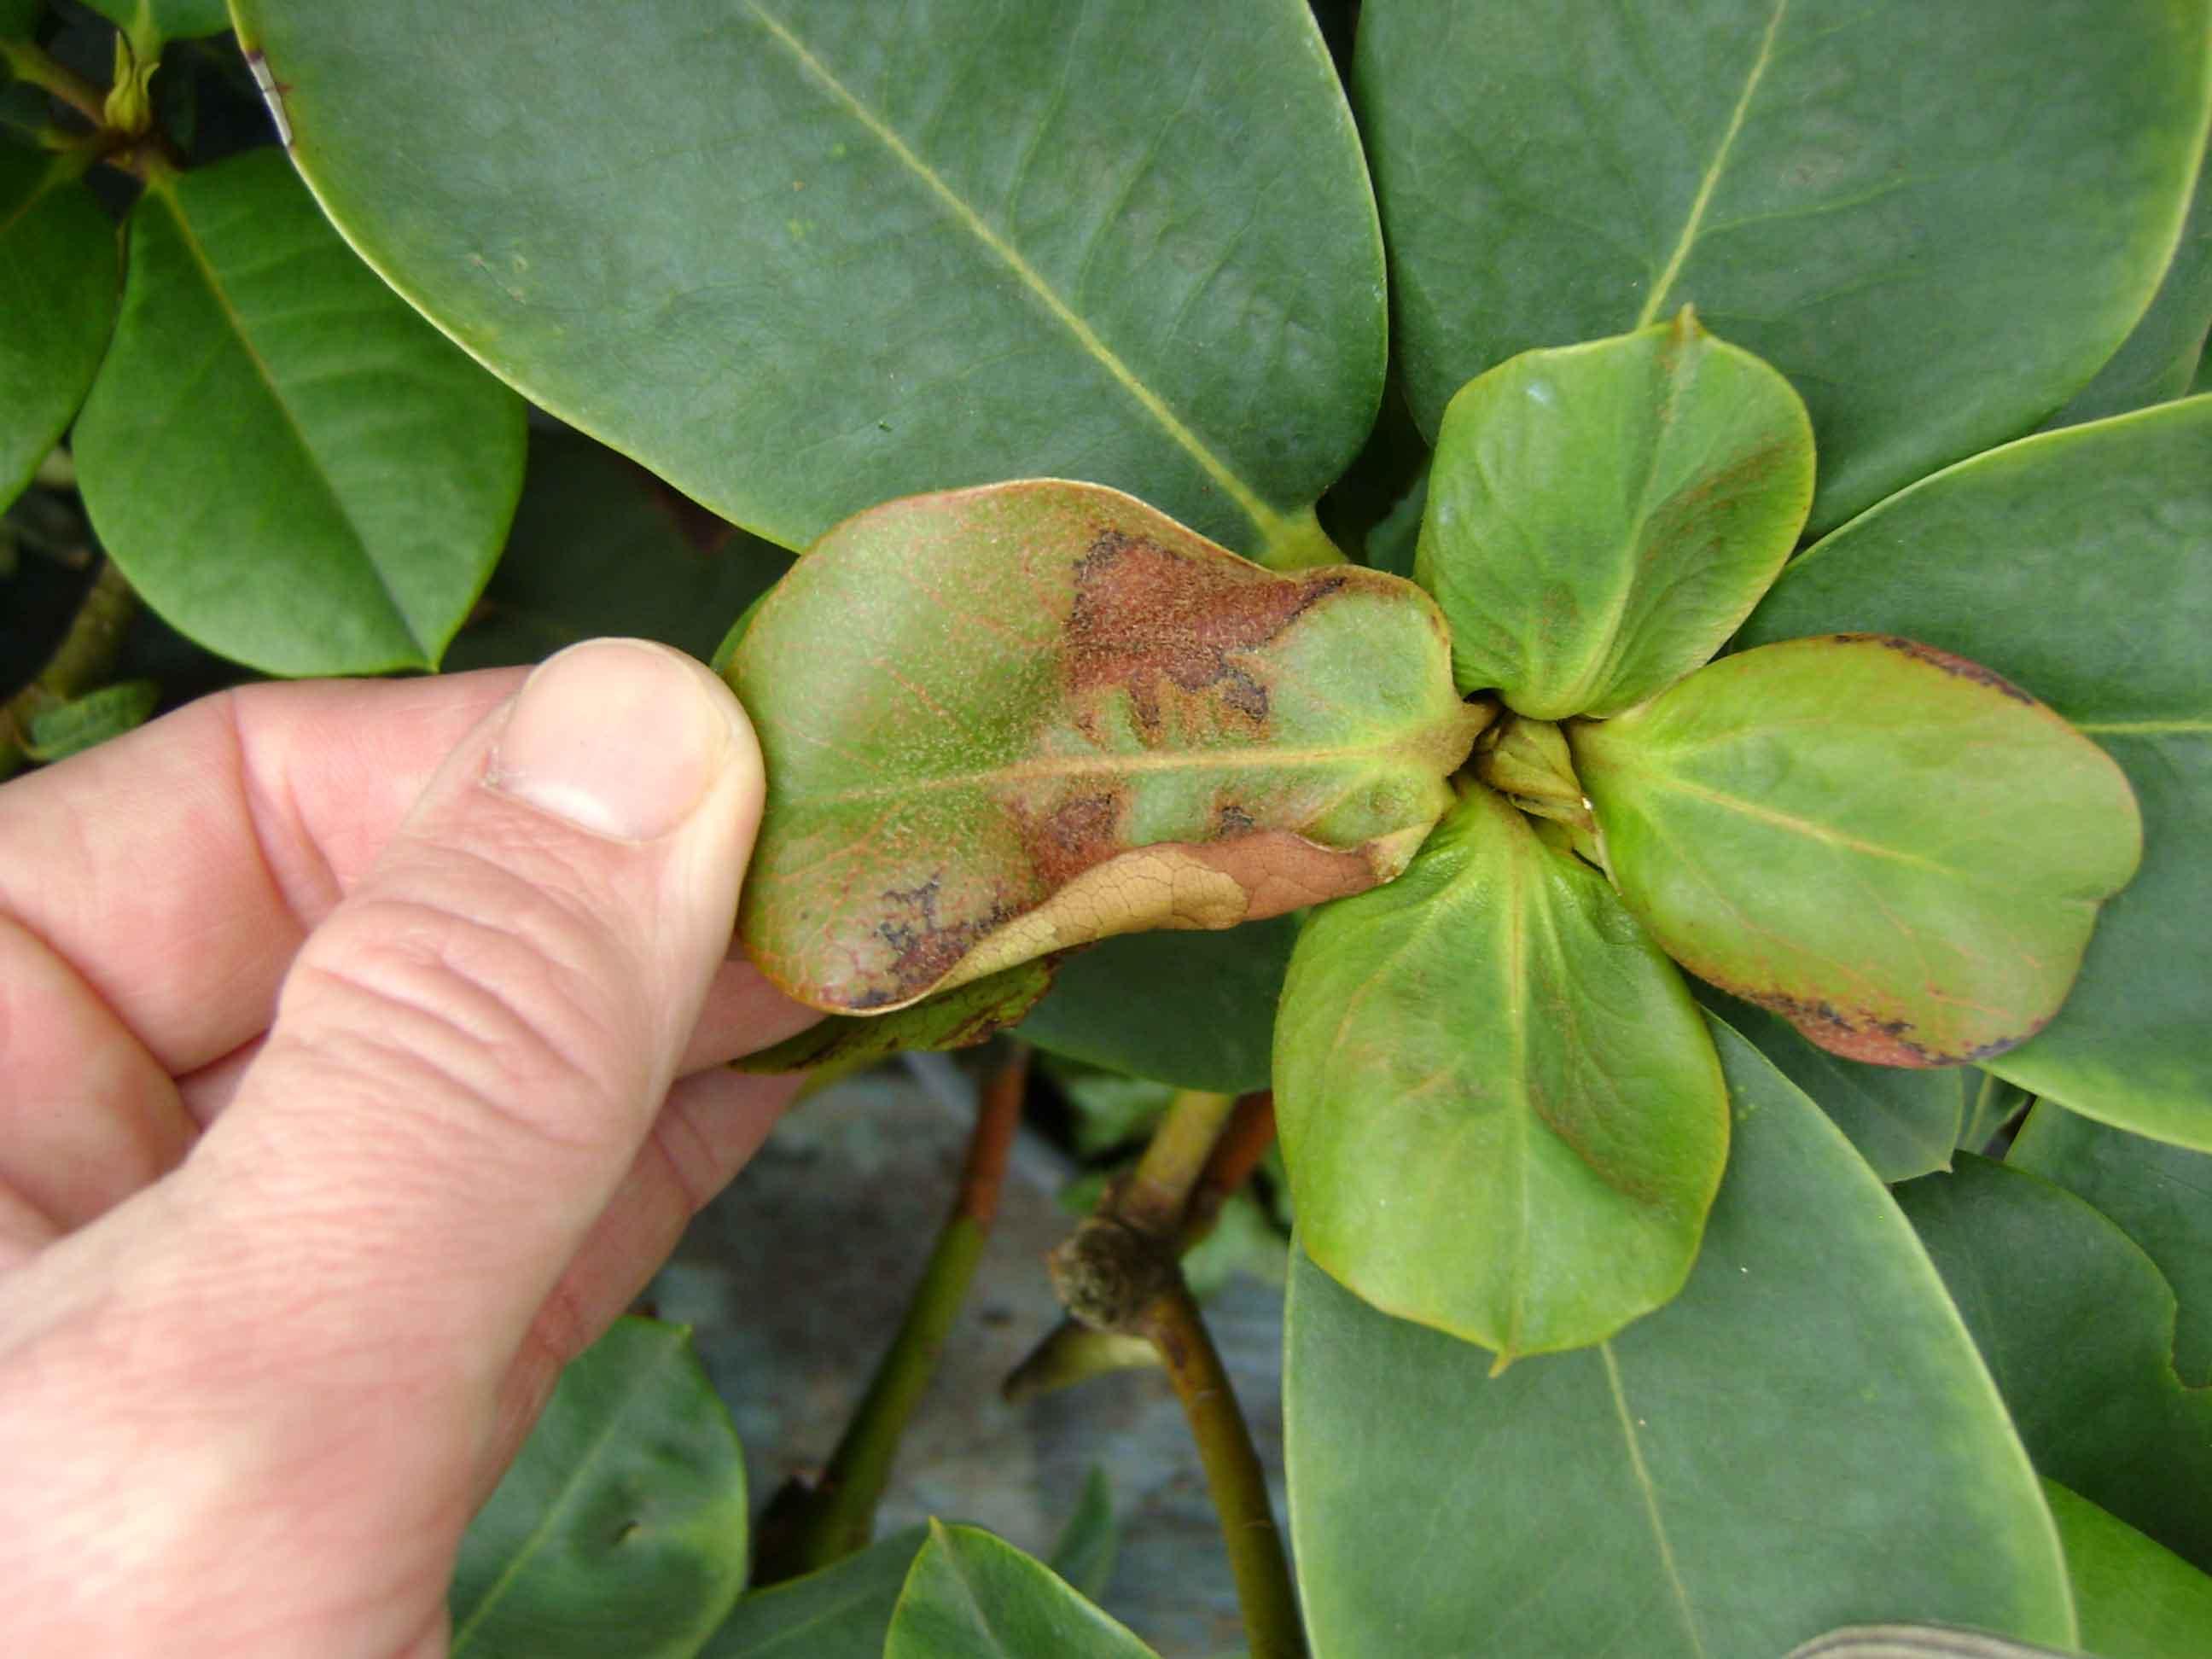 Удобрение Феровит: инструкция по применению для растений